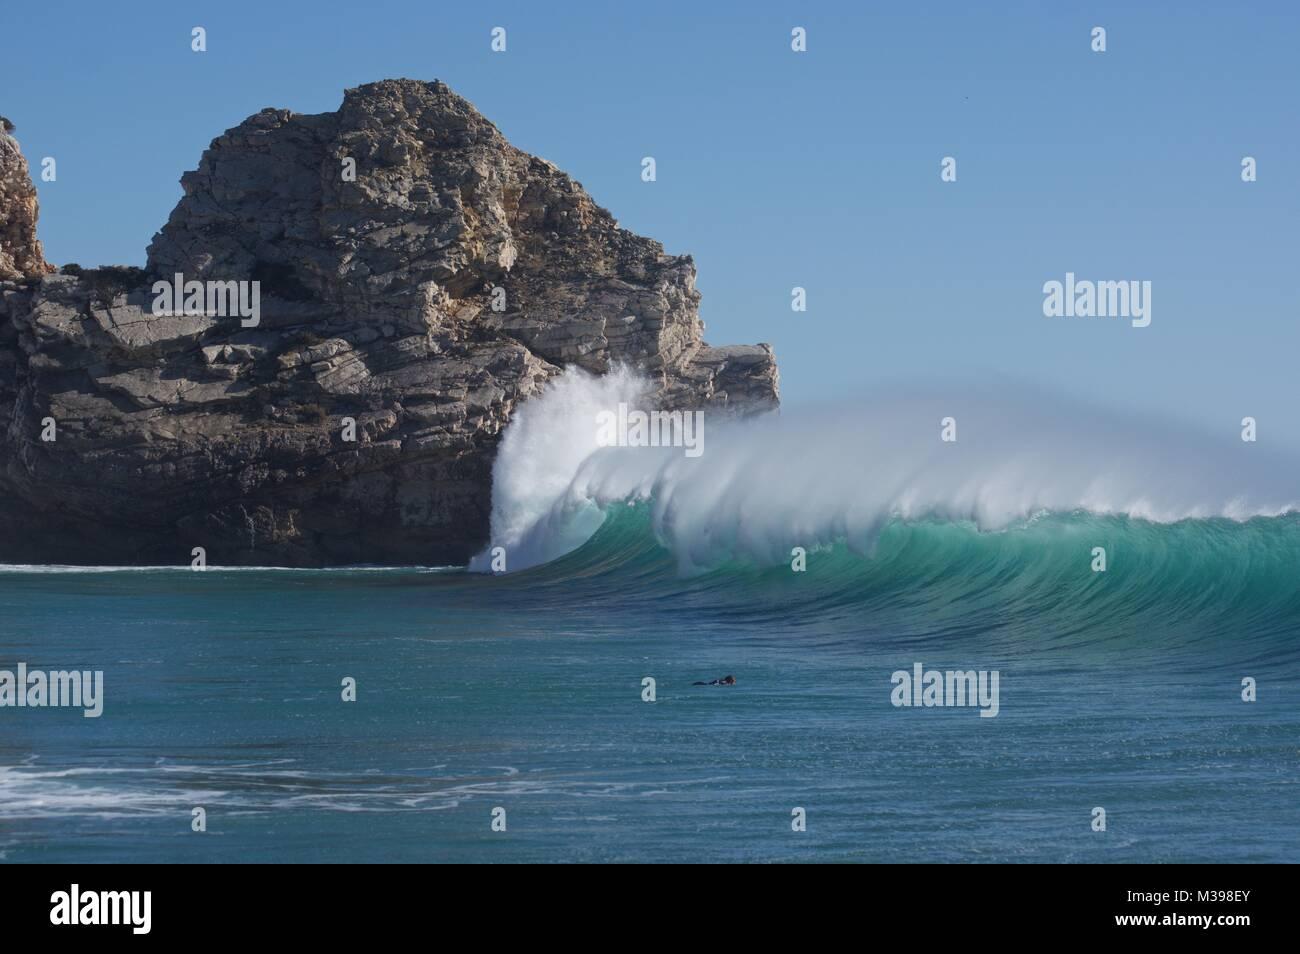 Wave breaking at Praia do Barranco, Algarve, Portugal - Stock Image